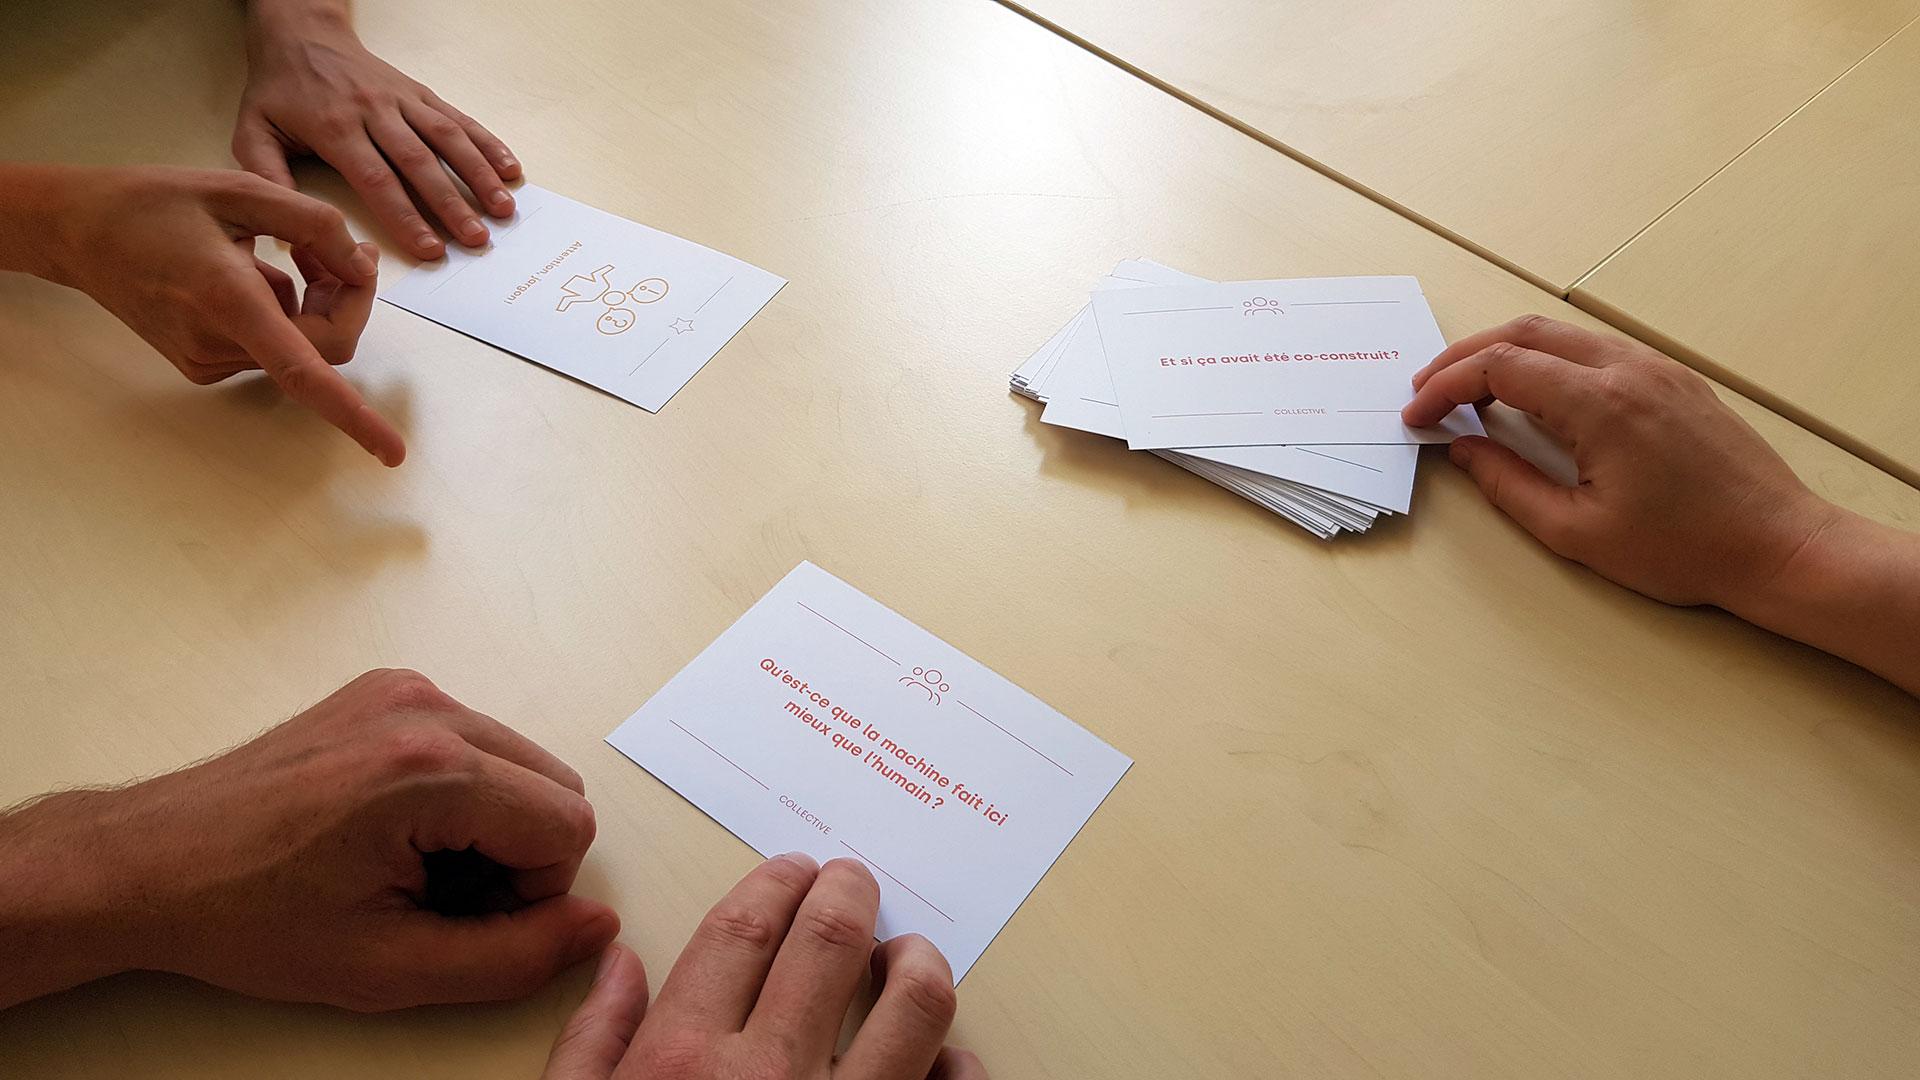 Des joueuses et joueurs utilisant les cartes de l'Algora